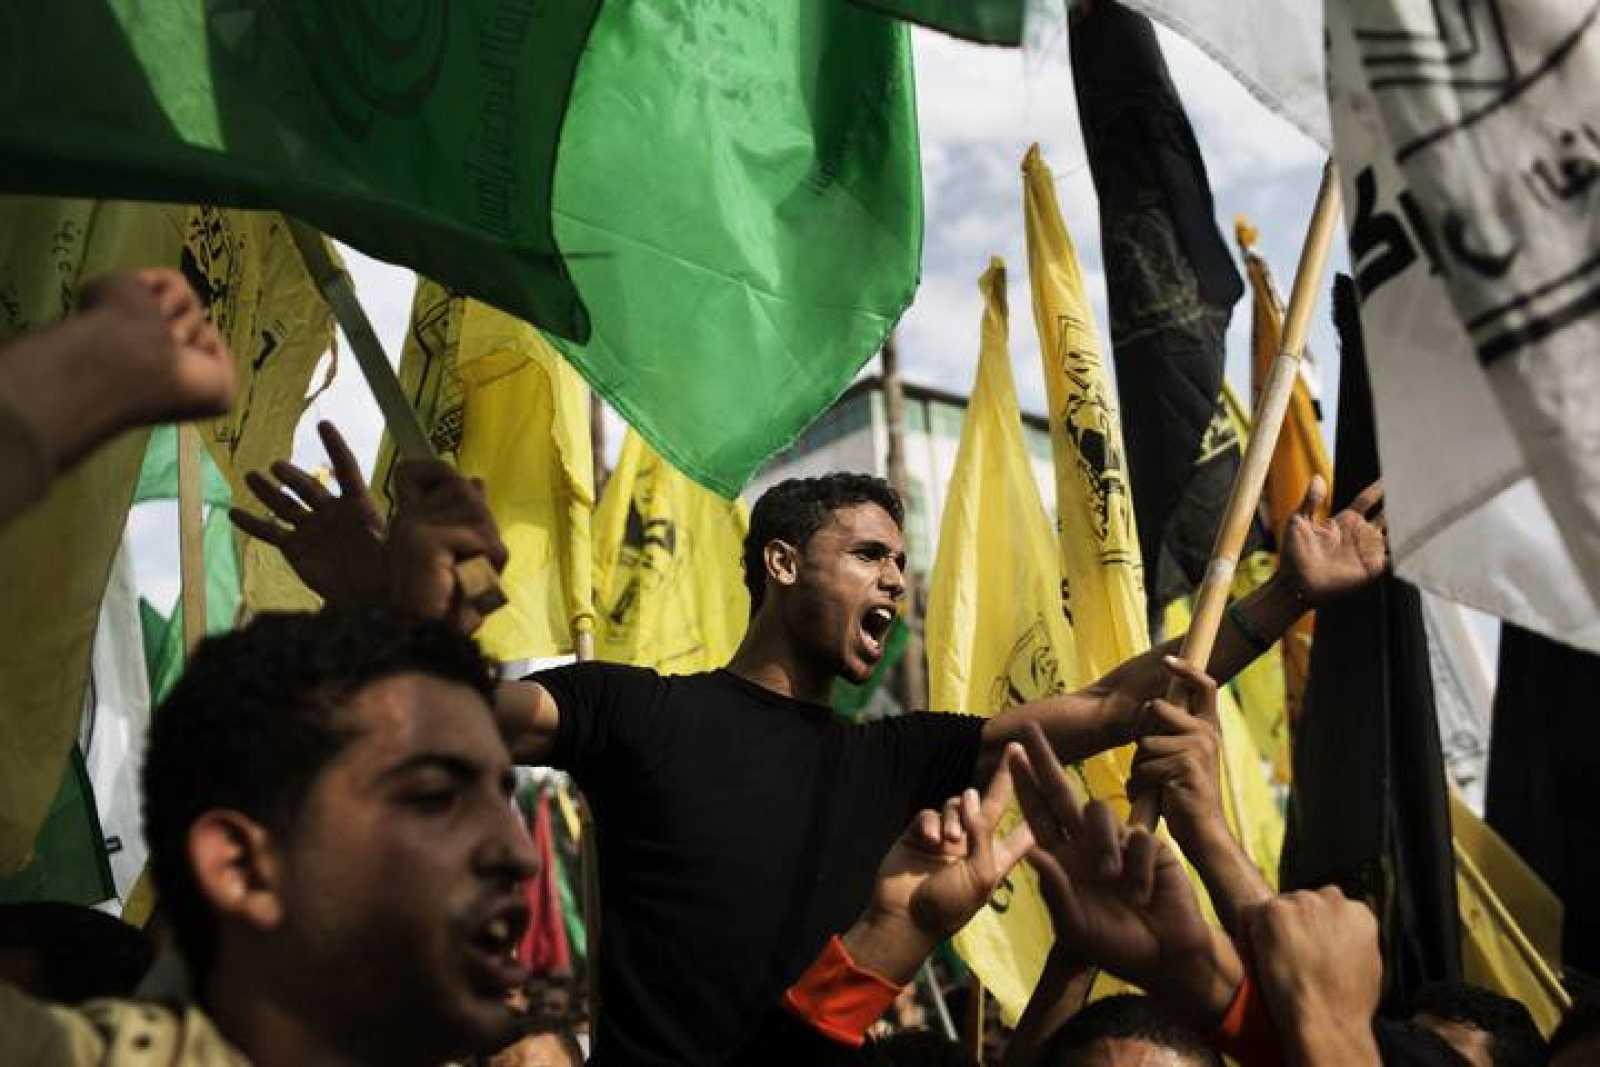 Banderas de Hamás y Fatah durante las celebraciones en Gaza el 22 de noviembre, tras el alto el fuego con Israel